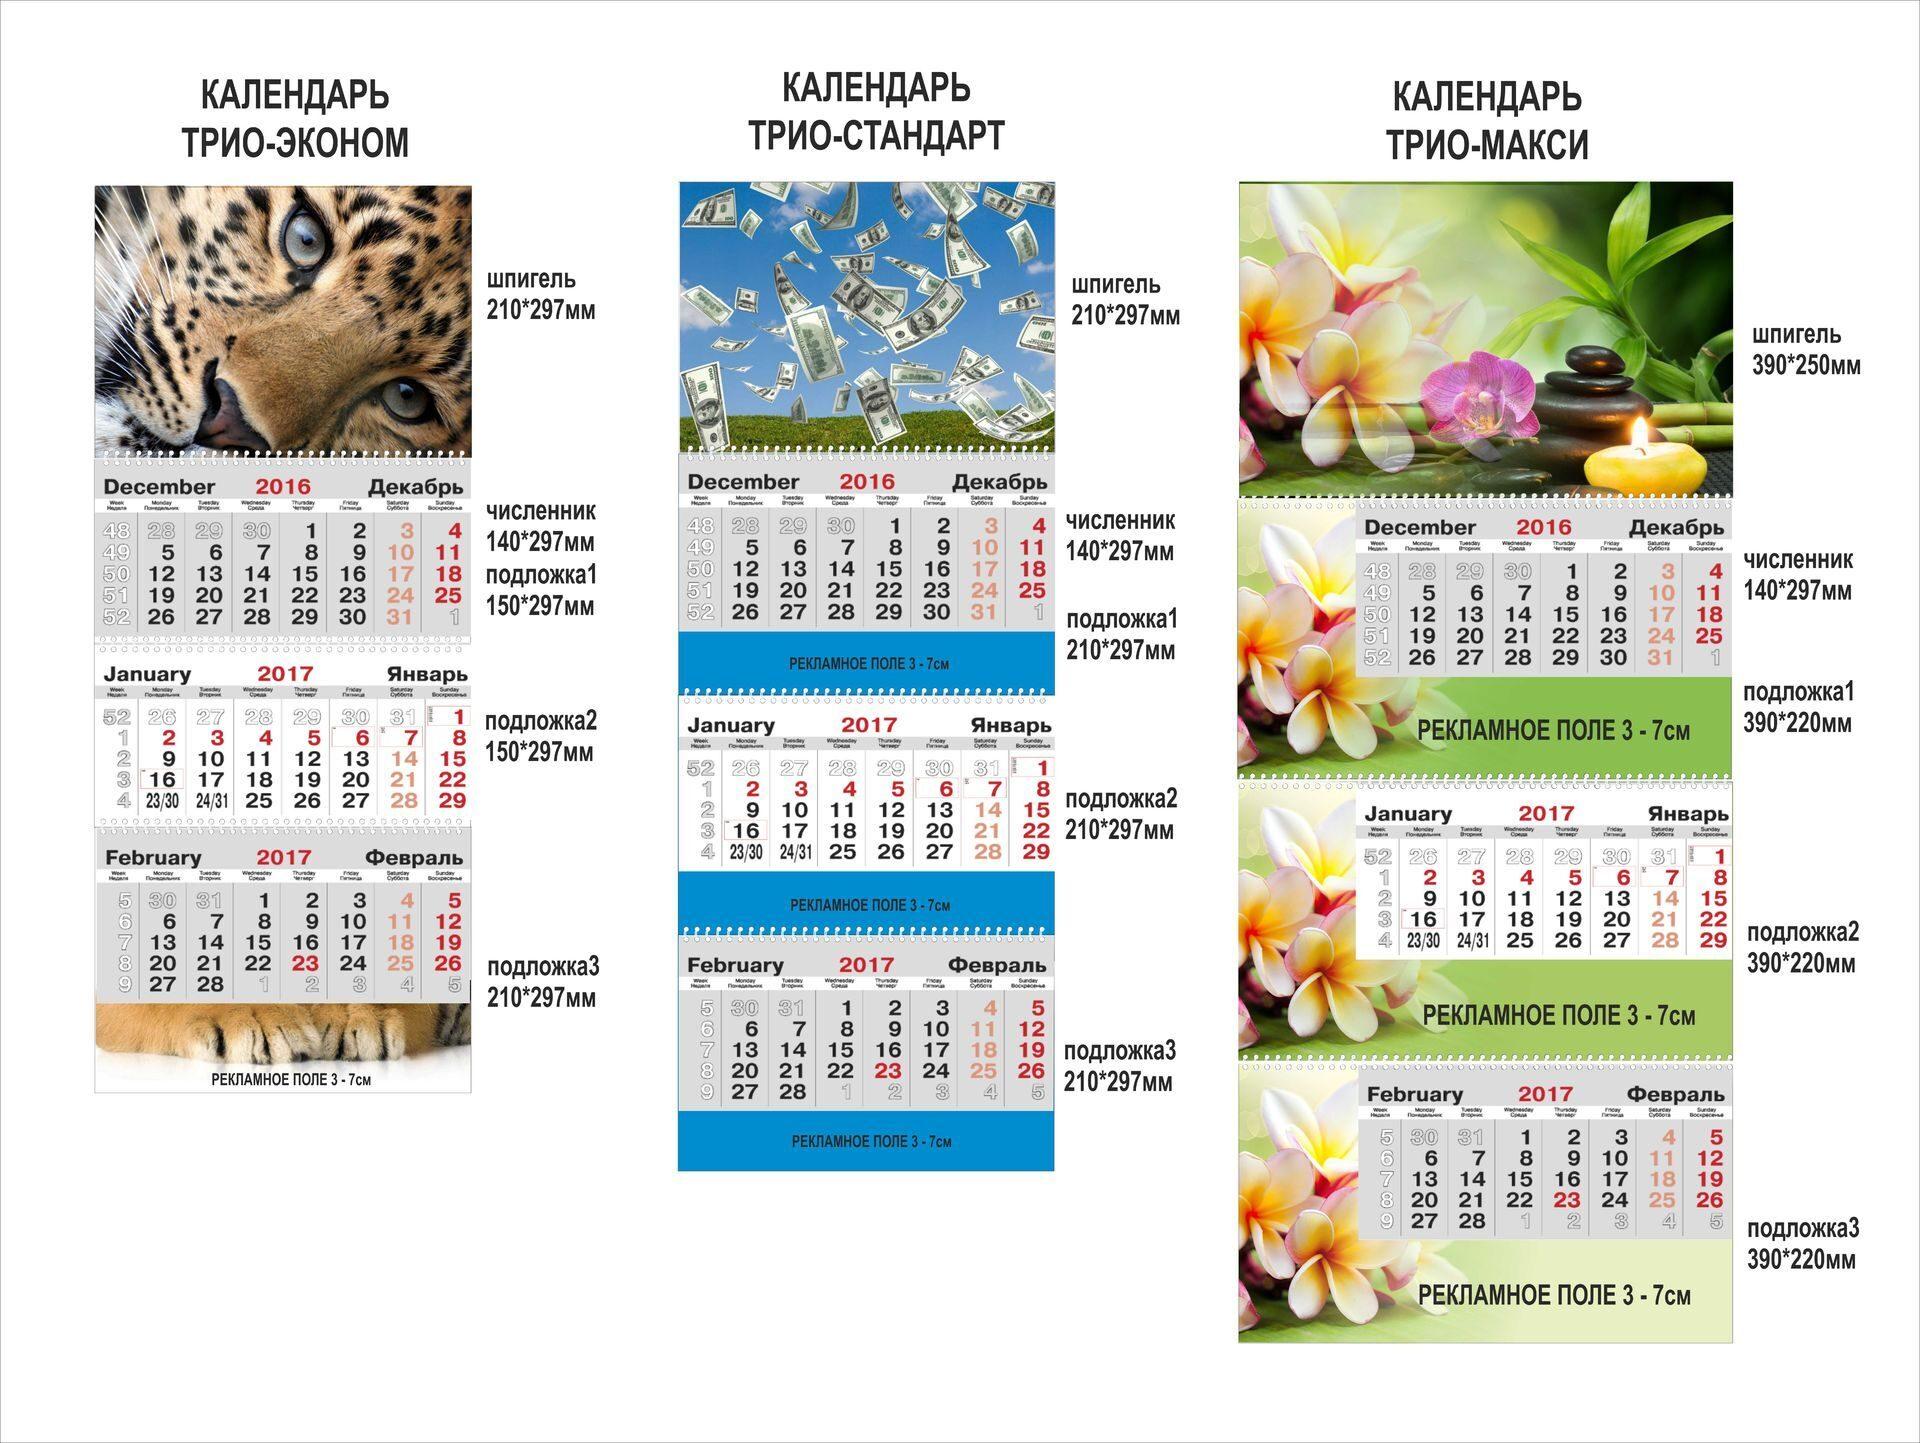 Составляющие трио-календаря